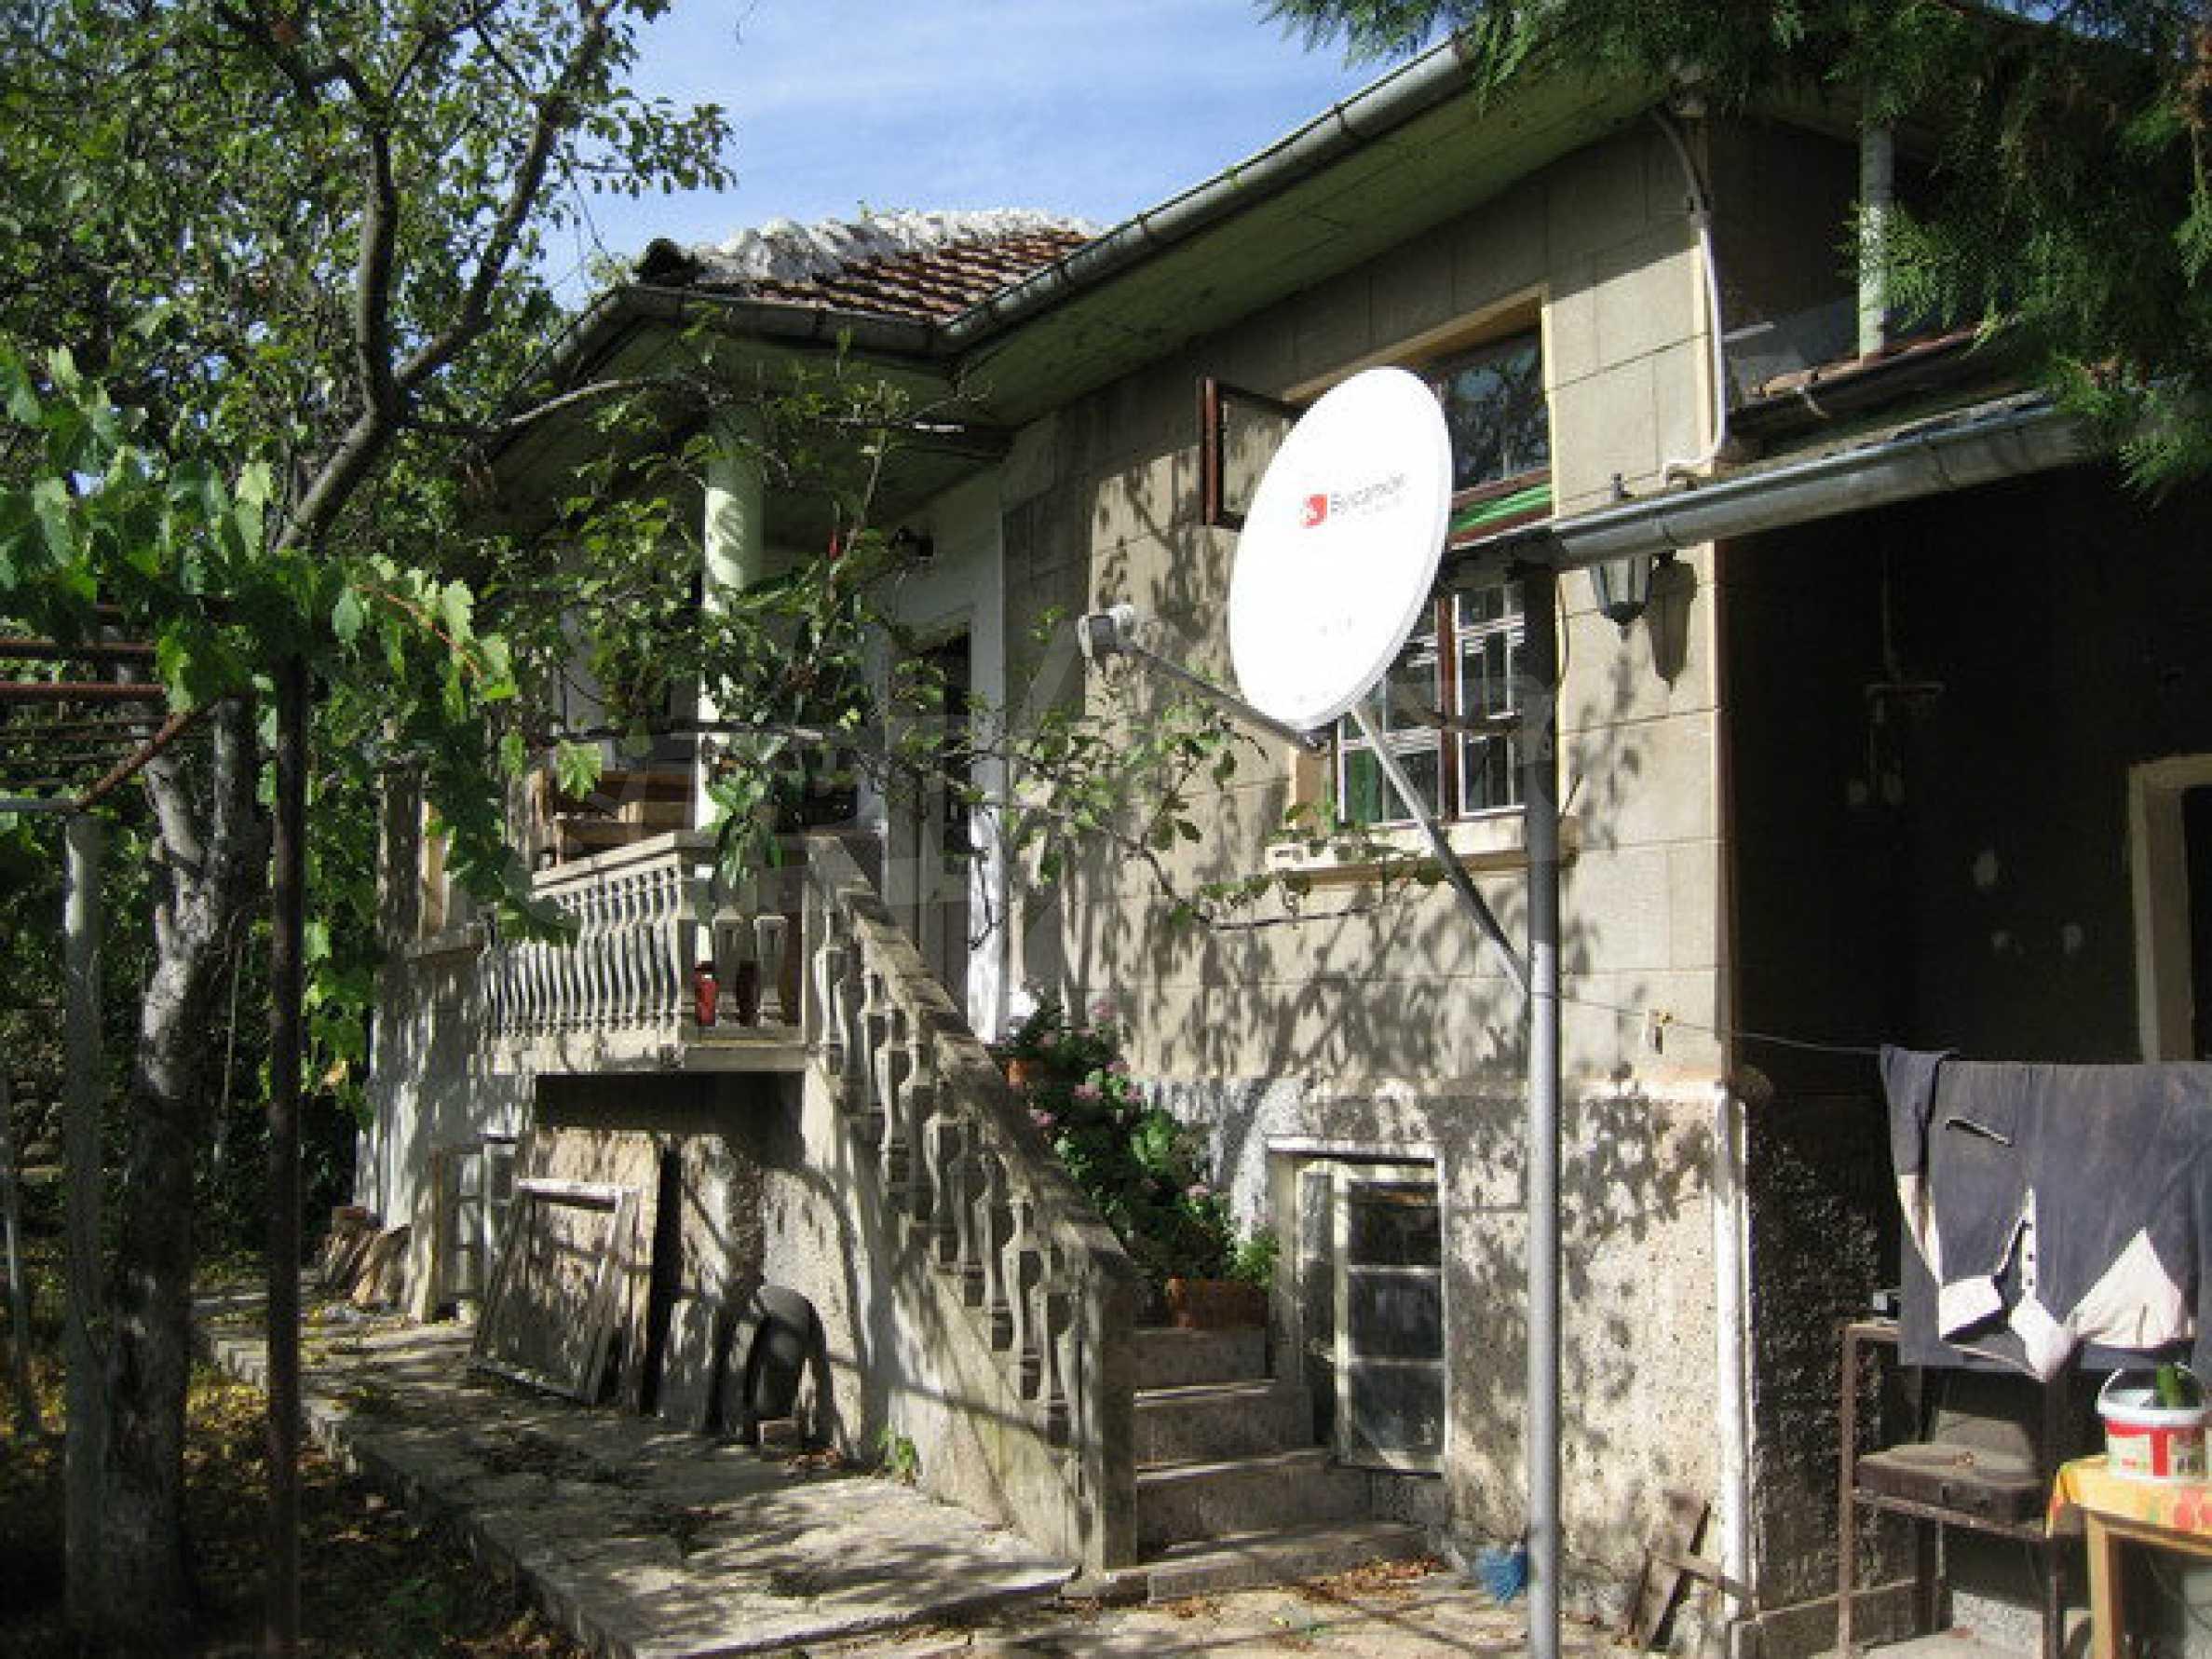 Wohnhaus in einer malerischen Gegend in der Nähe von Veliko Tarnovo